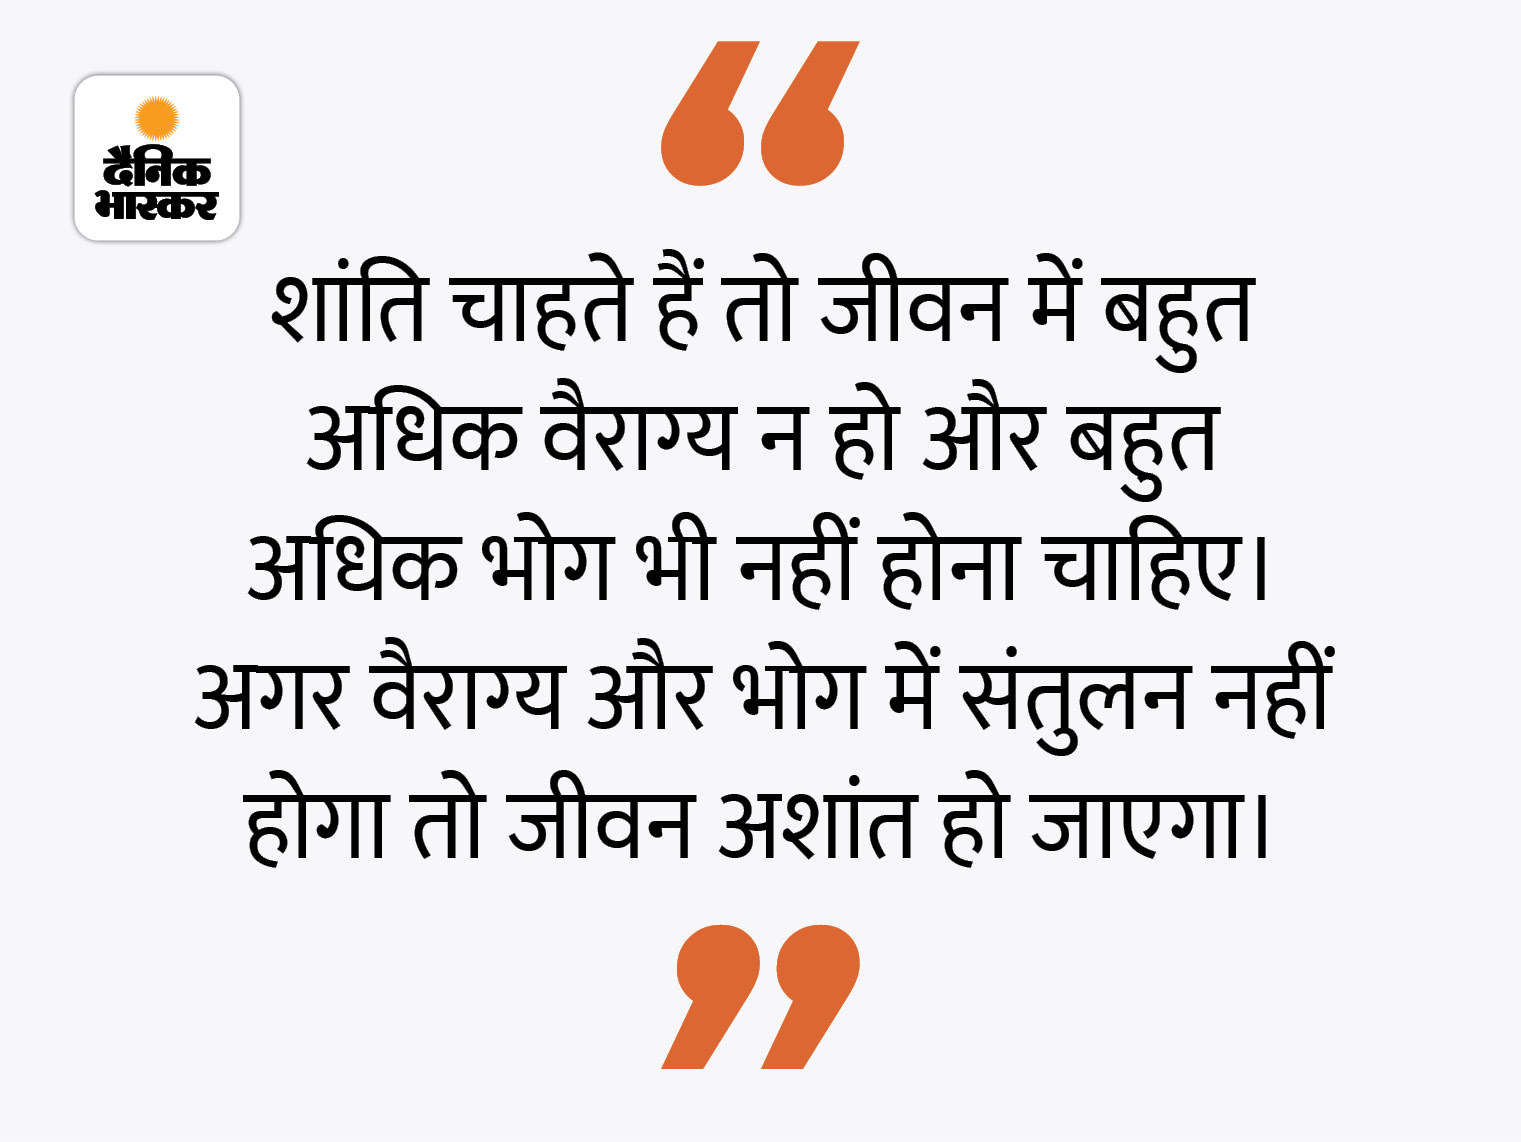 किसी भी बात की अधिकता नहीं होनी चाहिए, जीवन में संतुलन होना बहुत जरूरी है|धर्म,Dharm - Dainik Bhaskar